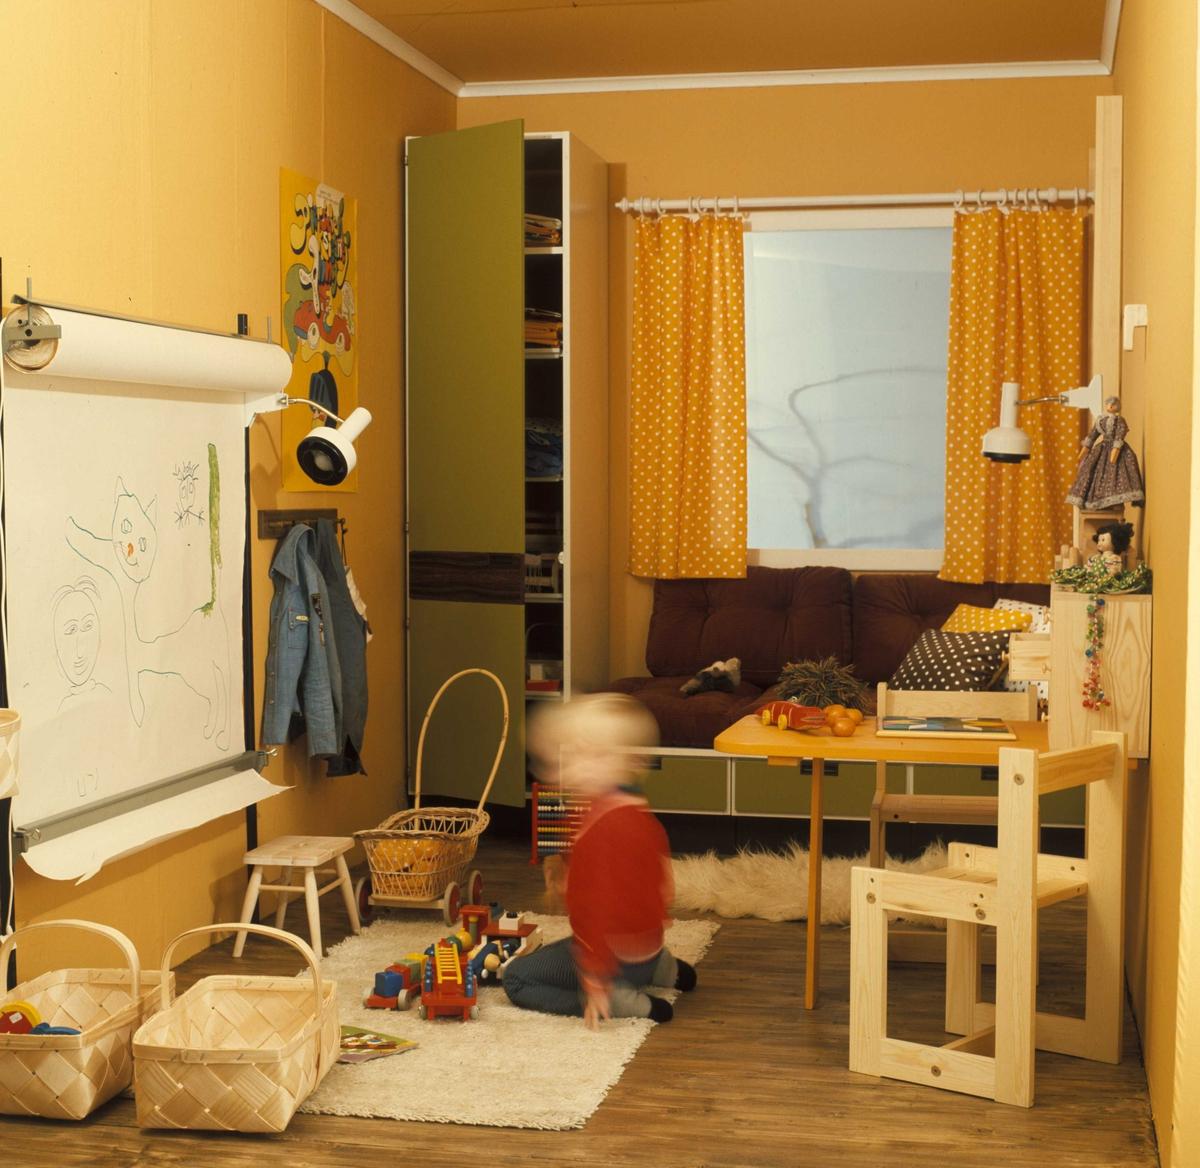 Barnerom innredet for ett lite barn. Nye Bonytt 1975-3. Ikke publisert. (Foto/Photo)